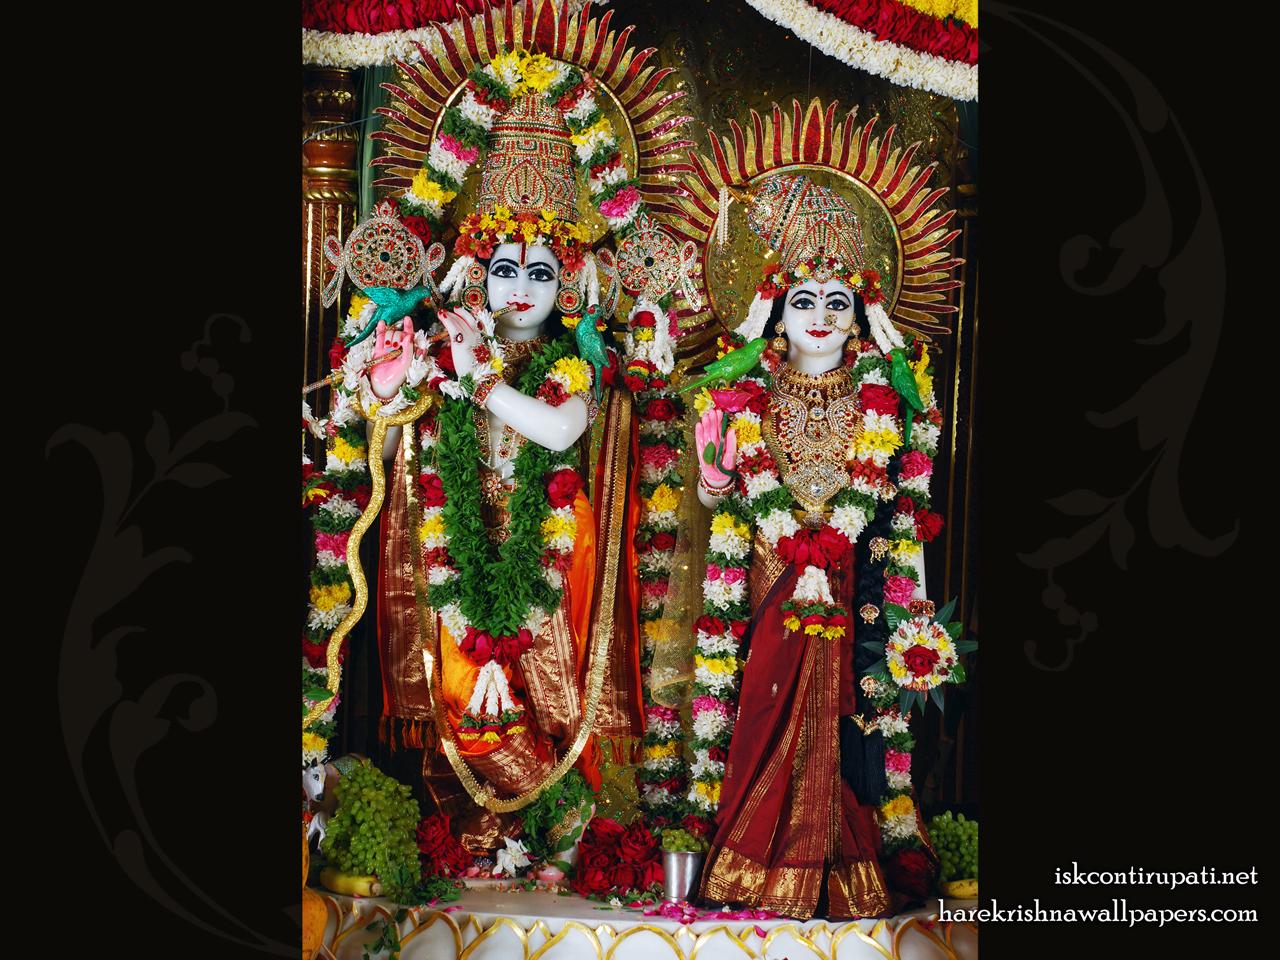 Sri Sri Radha Govinda Wallpaper (002) Size 1280x960 Download